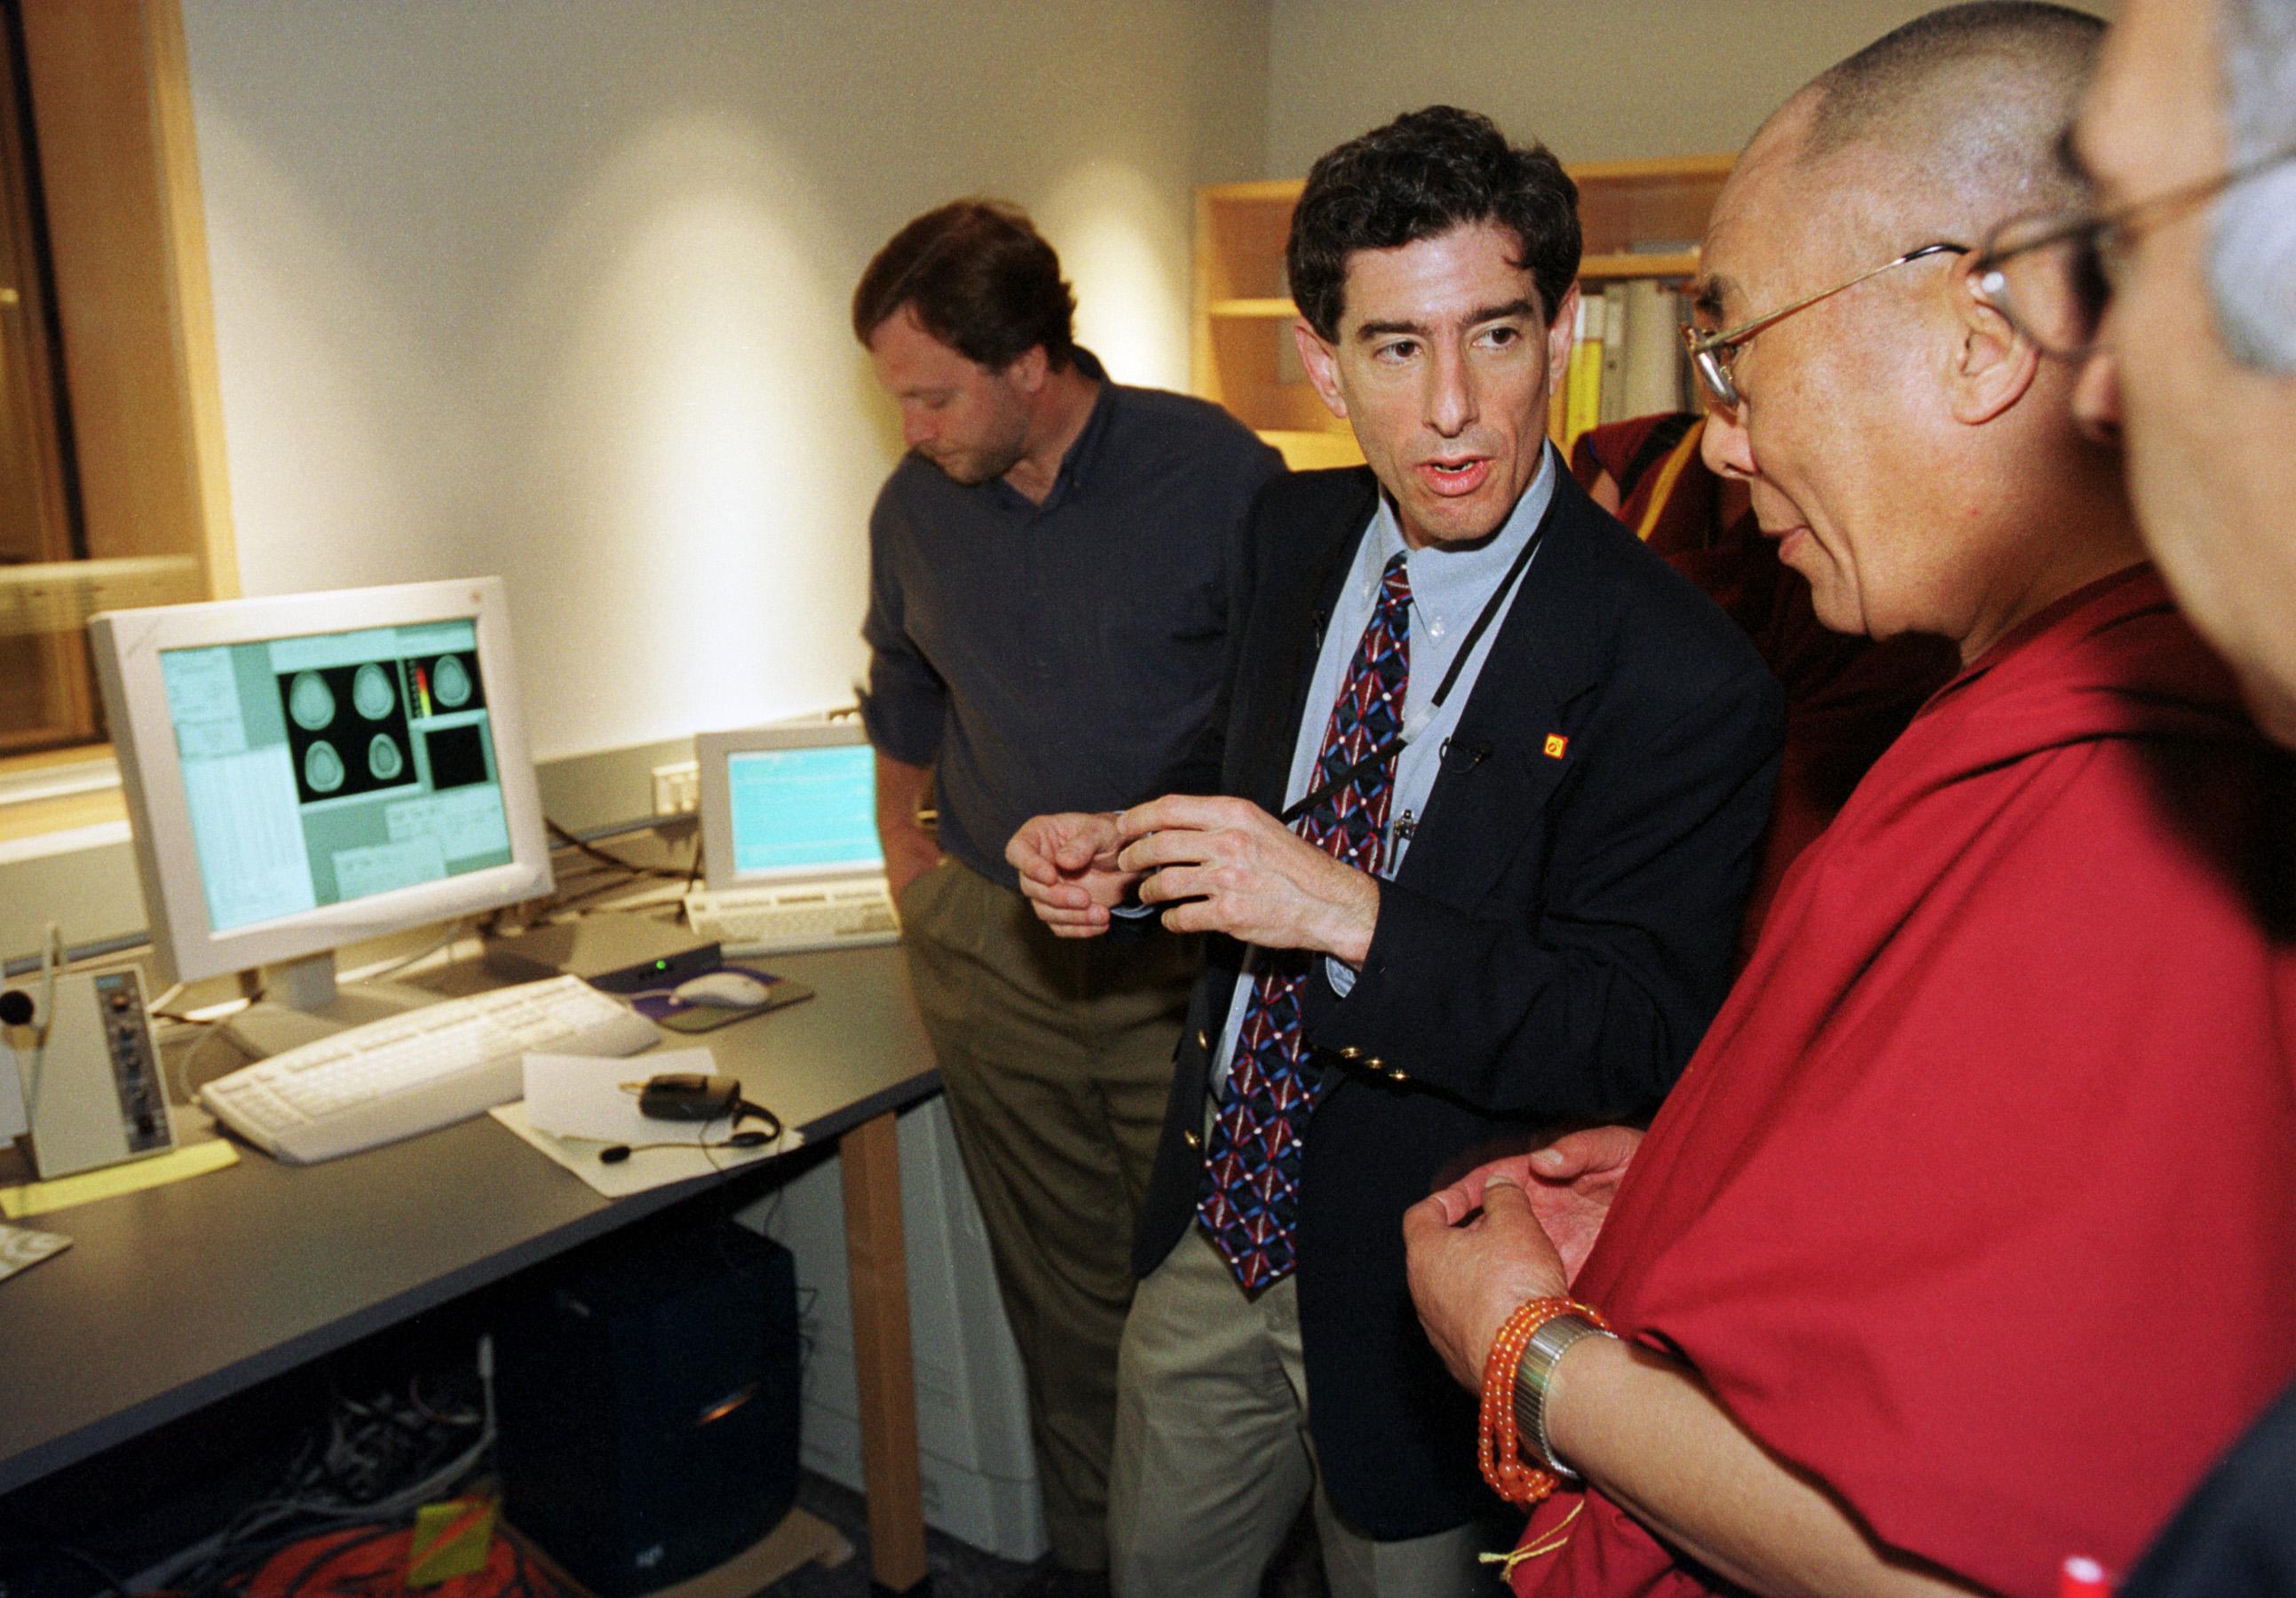 Dalai_Lama_Keck_fMRI2_01